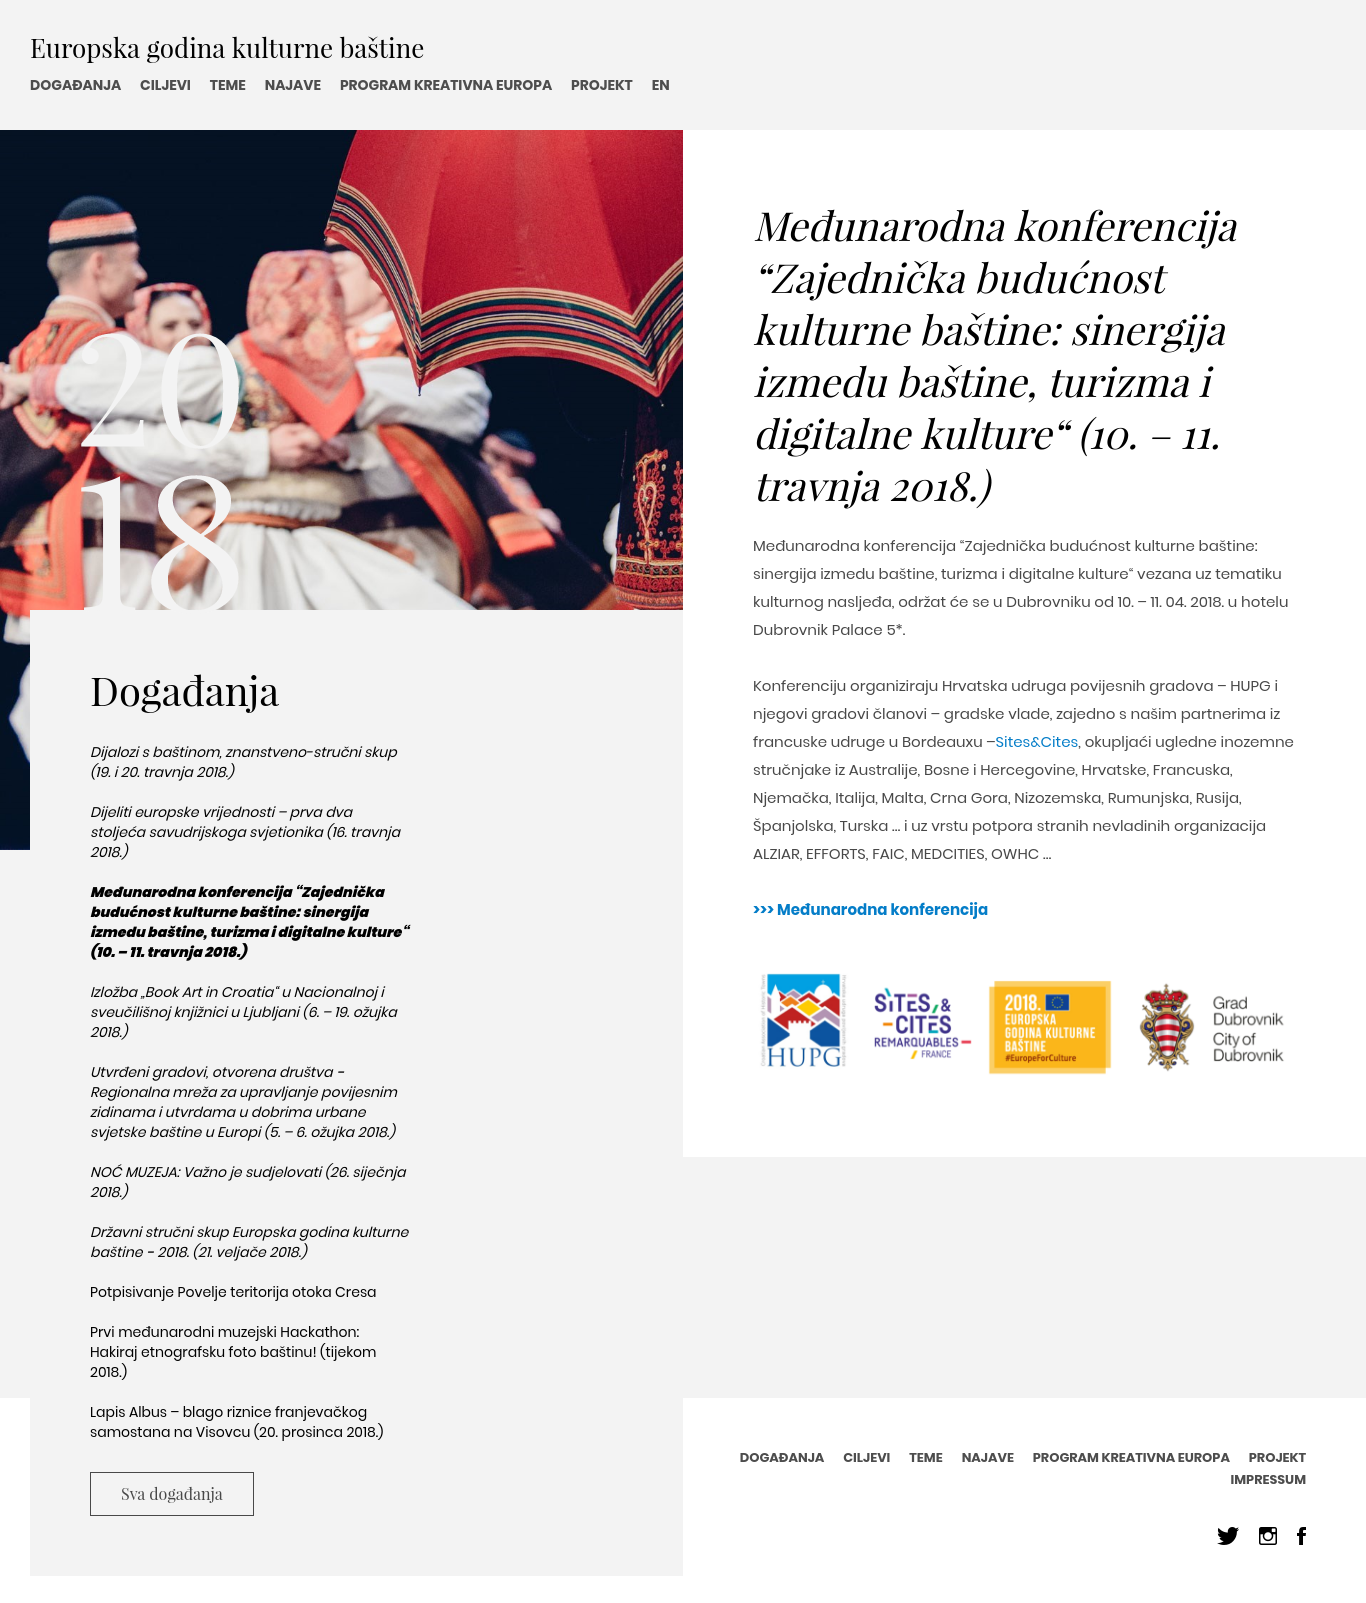 HUPG konferencija - Europska godine kučturne baštine